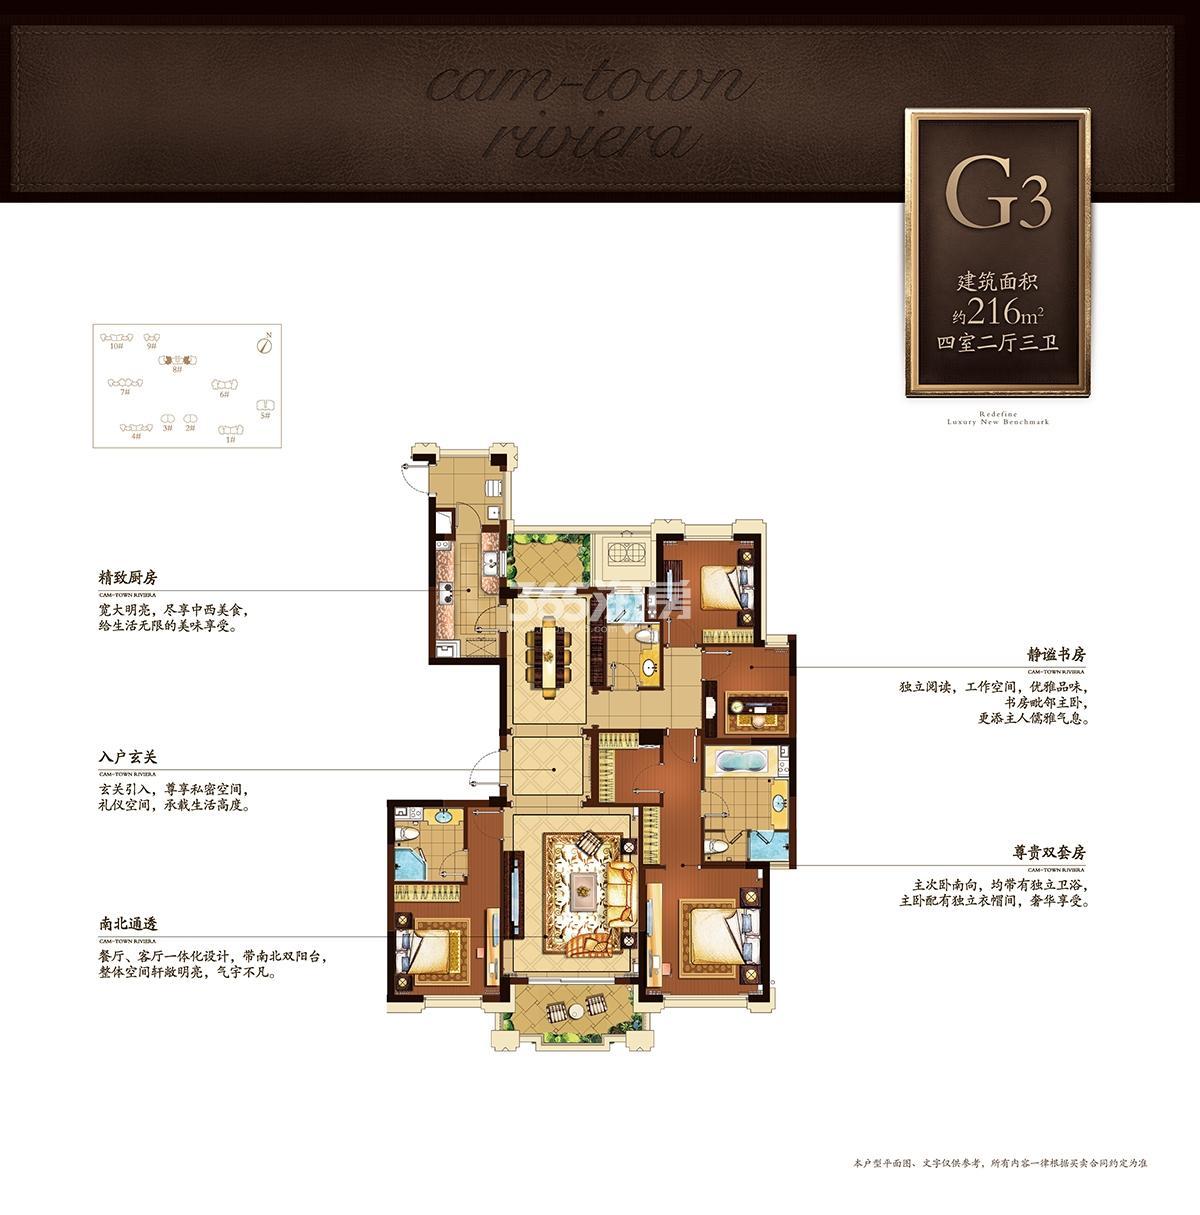 康城一品G3户型216方四室两厅三卫